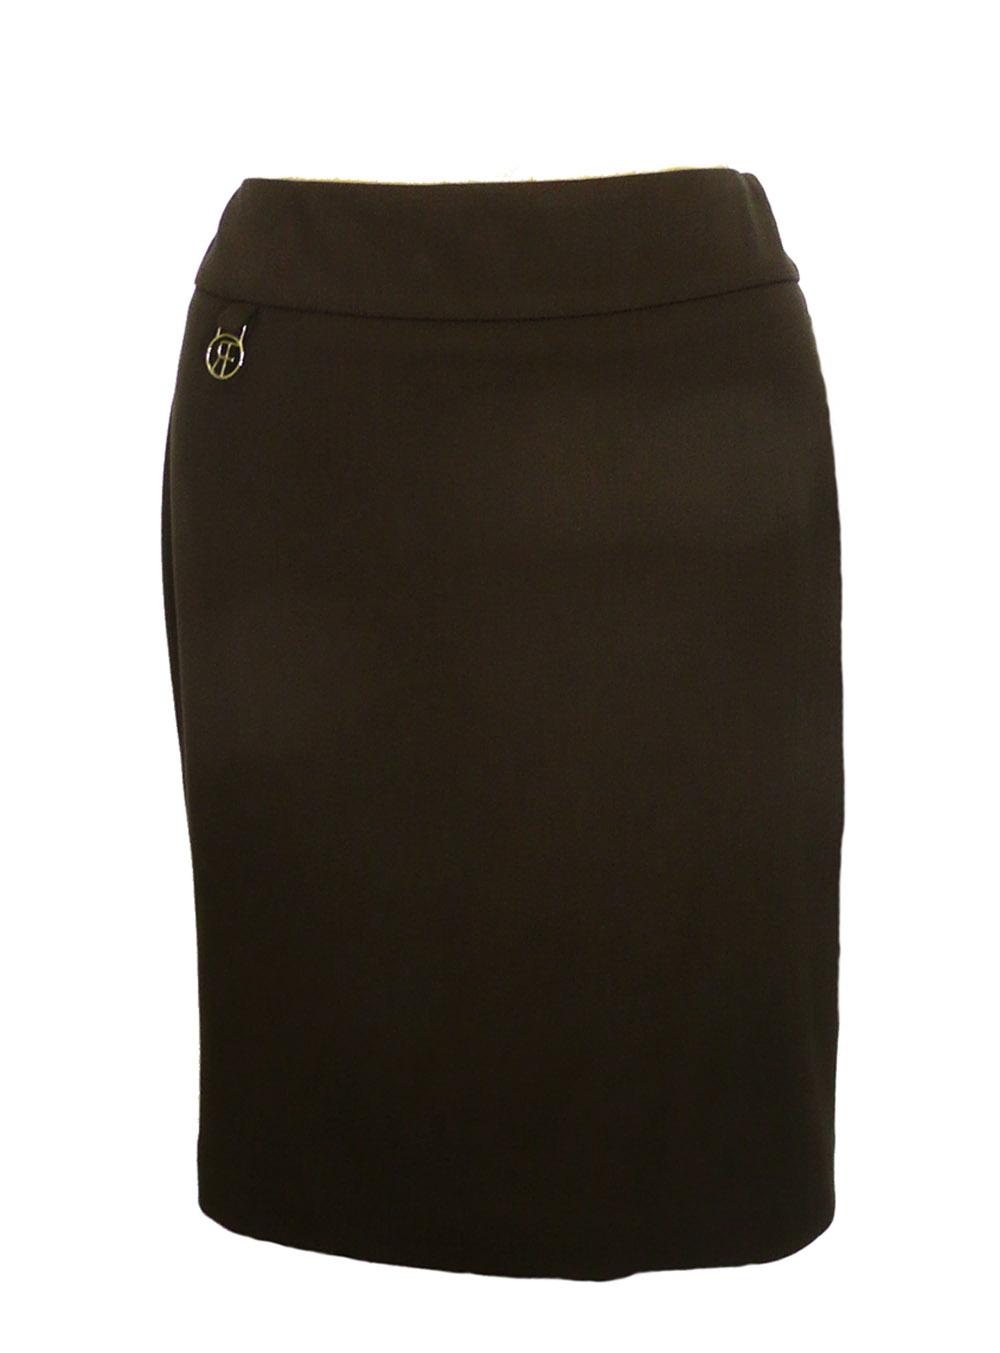 skirt brown slim.jpg